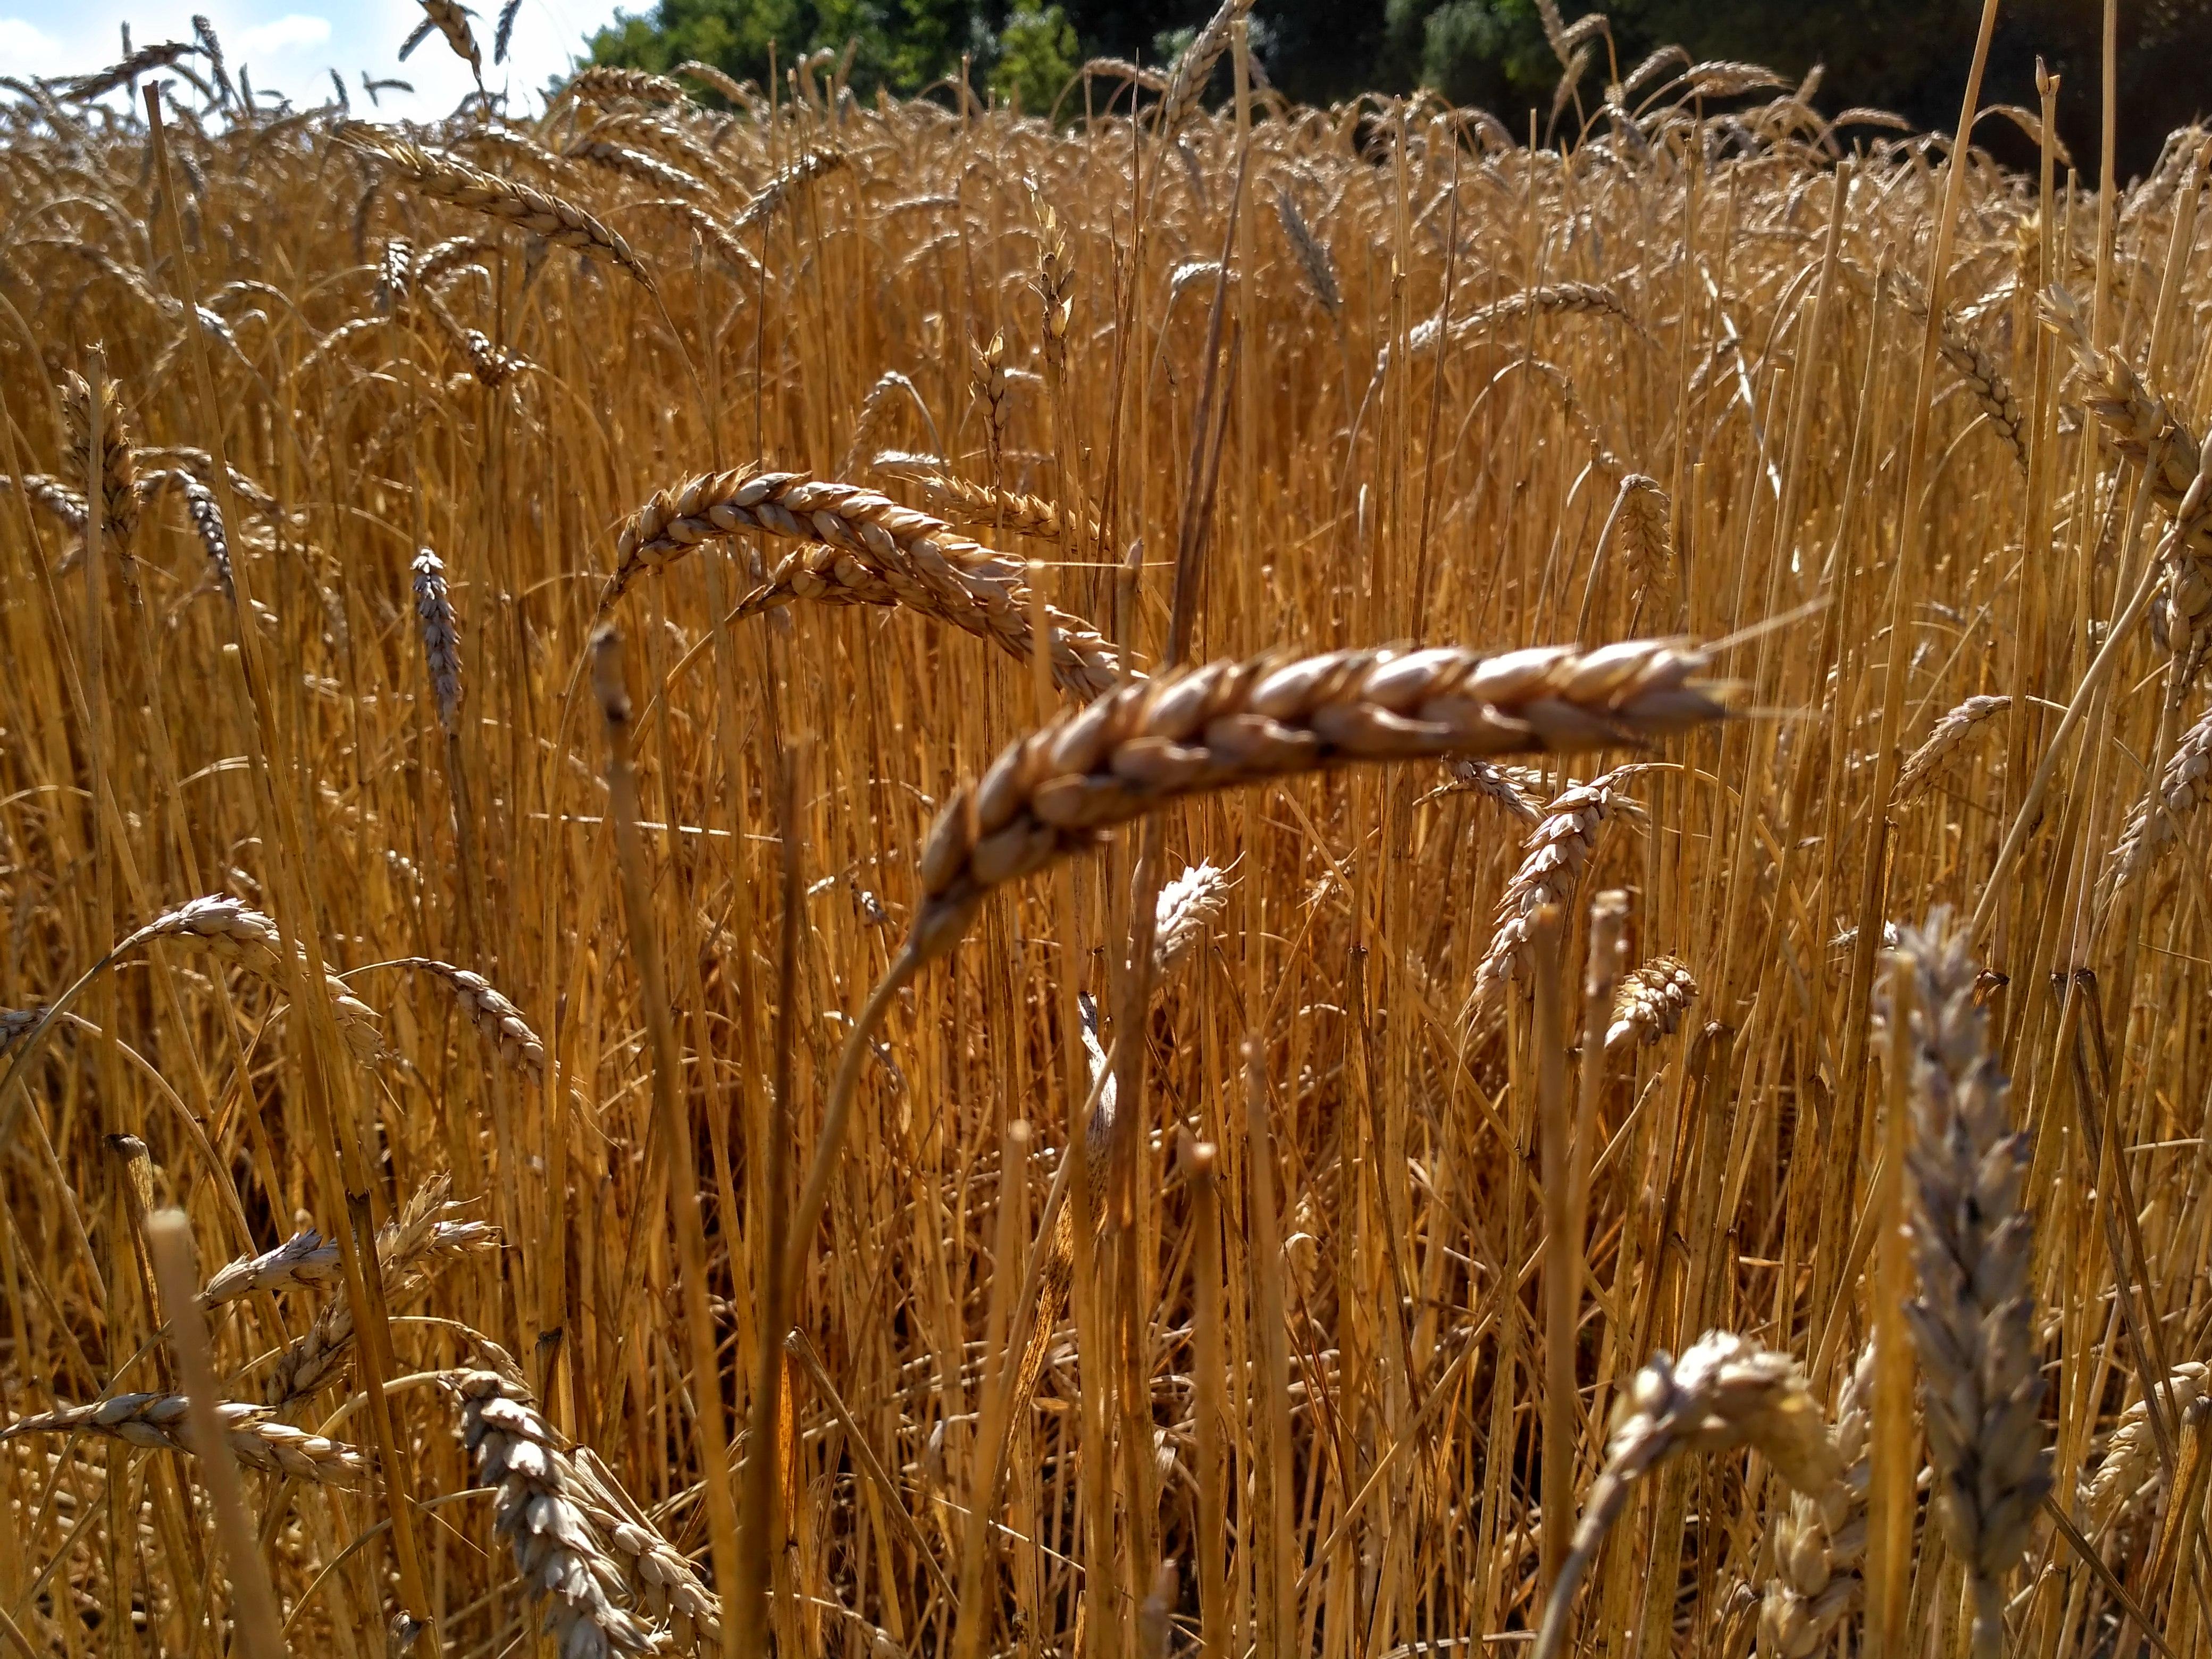 удобрения зерновых культур, купить удобрения для пшеницы,применение удобрений под зерновые,удобрения озимых культур инструкция